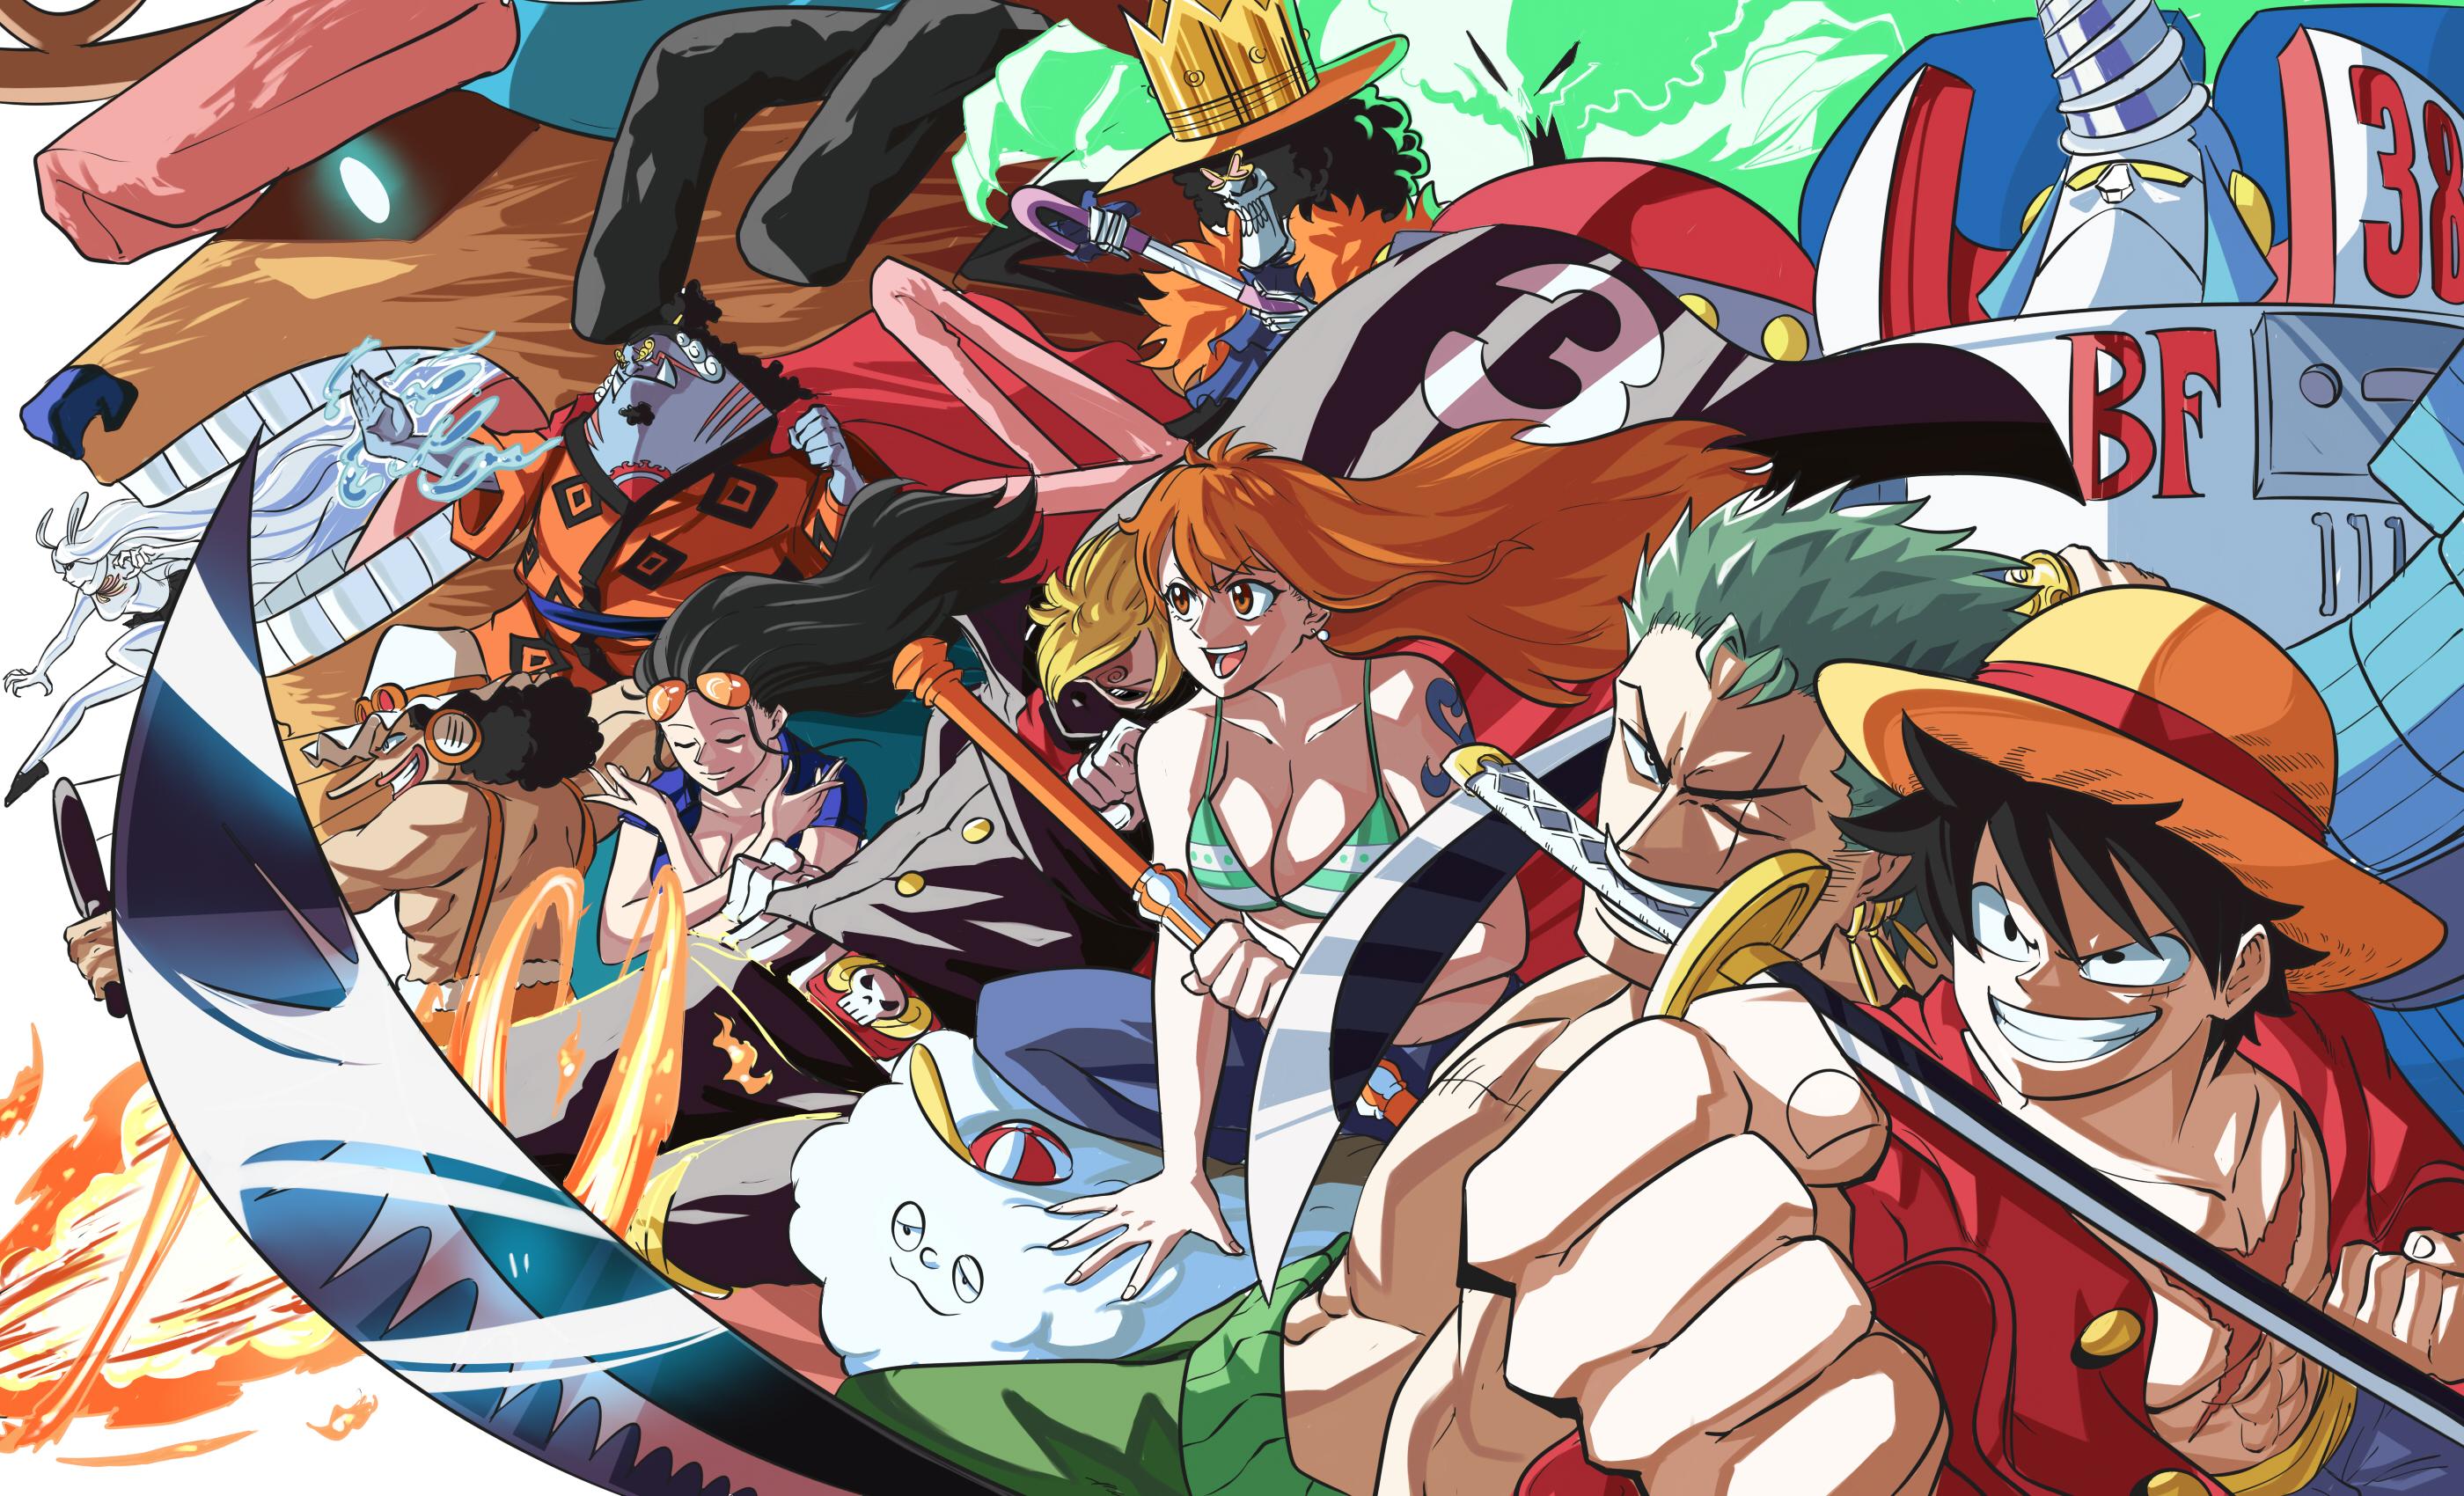 Anime 2800x1700 anime Monkey D. Luffy Nami Sanji Roronoa Zoro One Piece Tony Tony Chopper Nico Robin Jimbei Franky Brook Usopp carrot